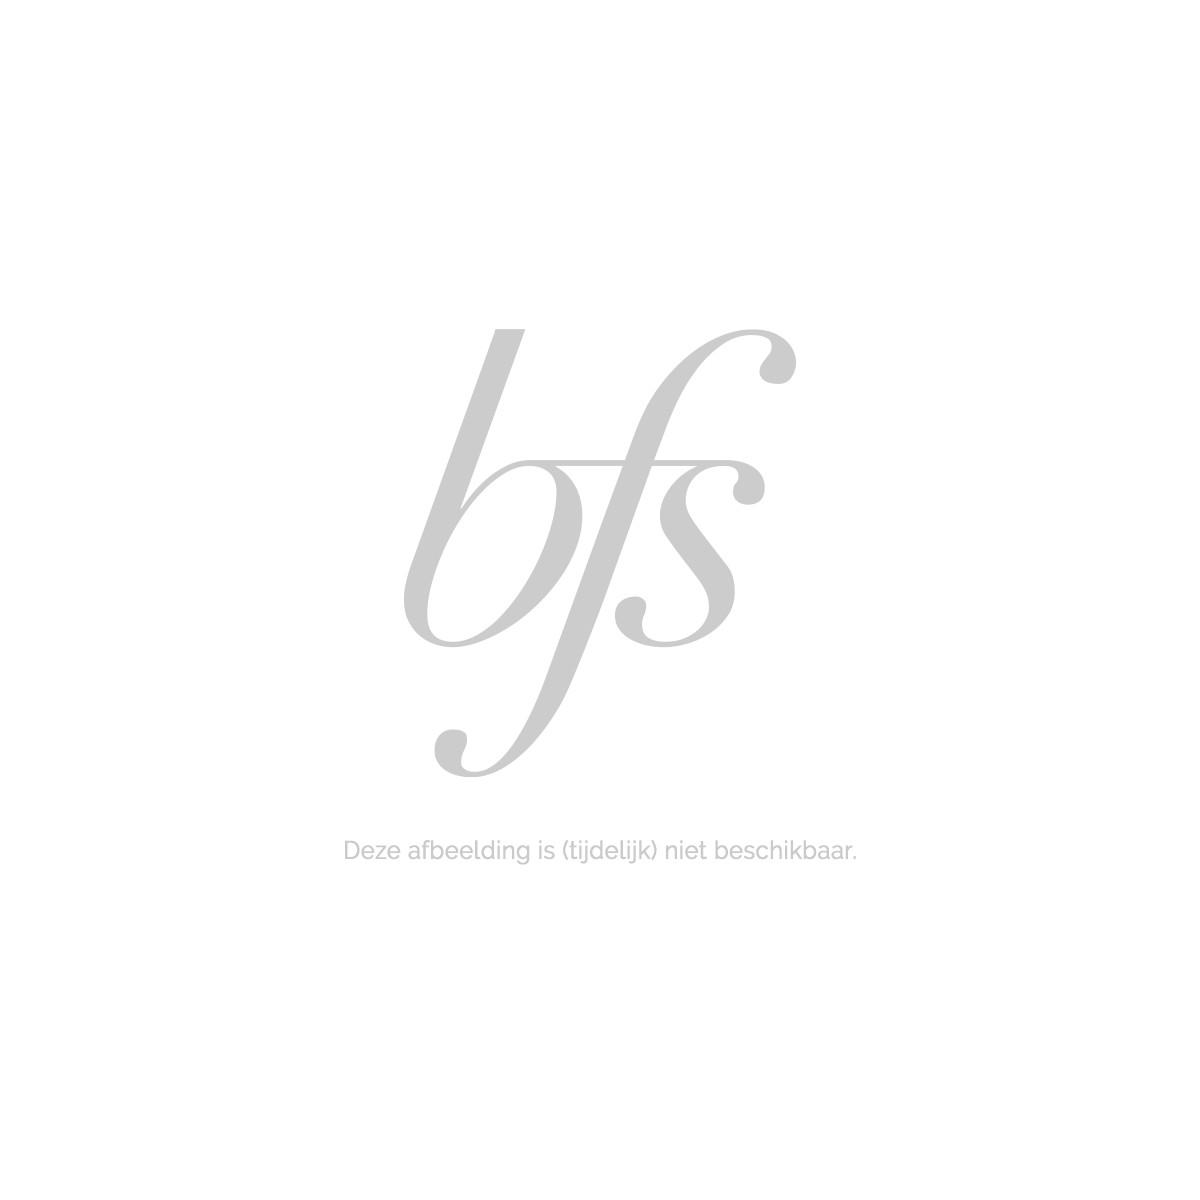 buy popular 6e55a 1f883 Lacoste Essential Pour Homme Eau de Toilette 75 ml